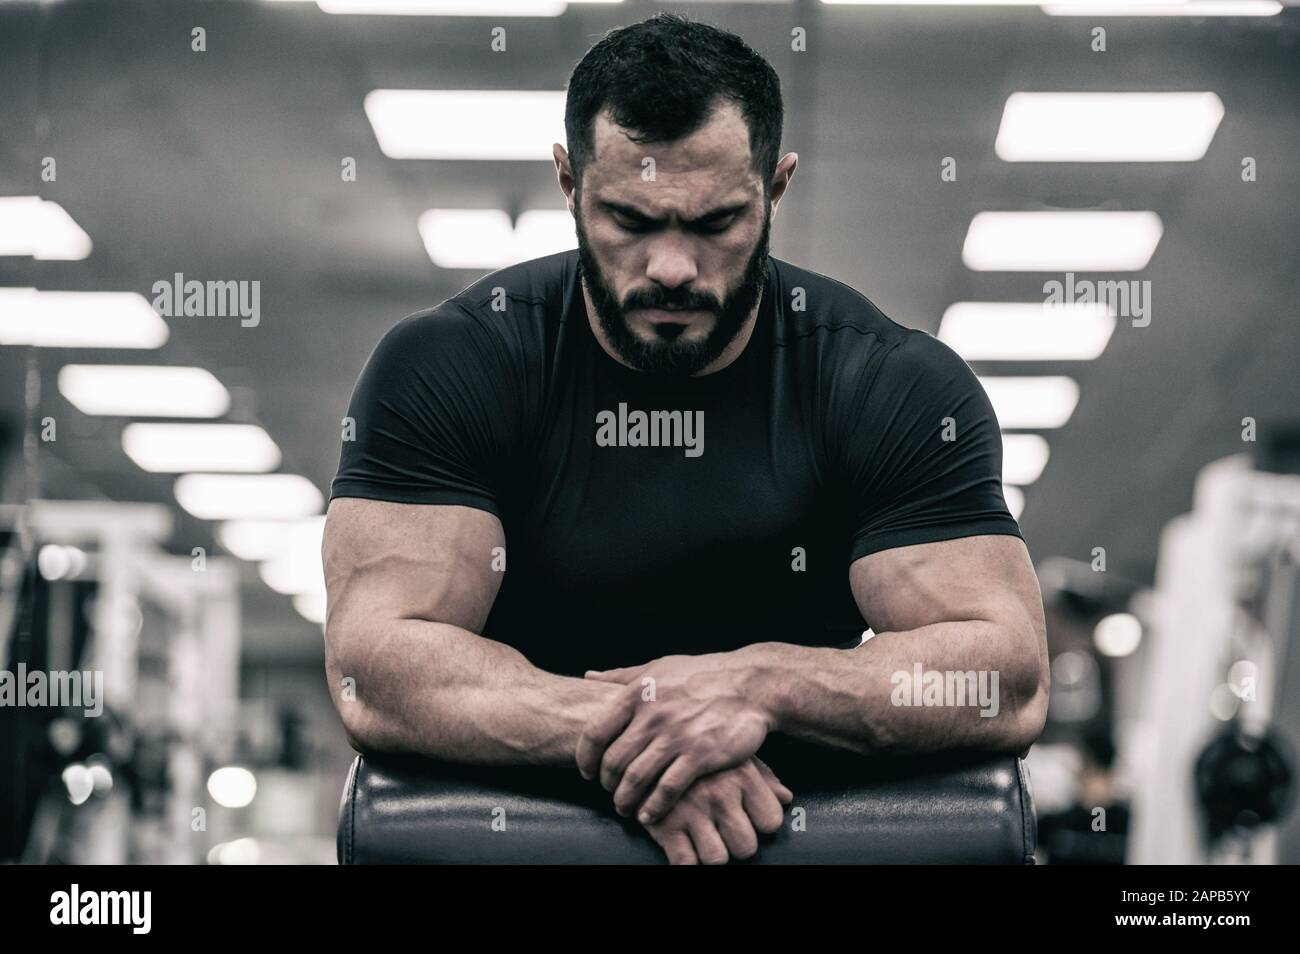 esprit mental sport motivation concept de jeune homme fort avec barbe portant maillot noir concentration détente dans la salle de sport Banque D'Images